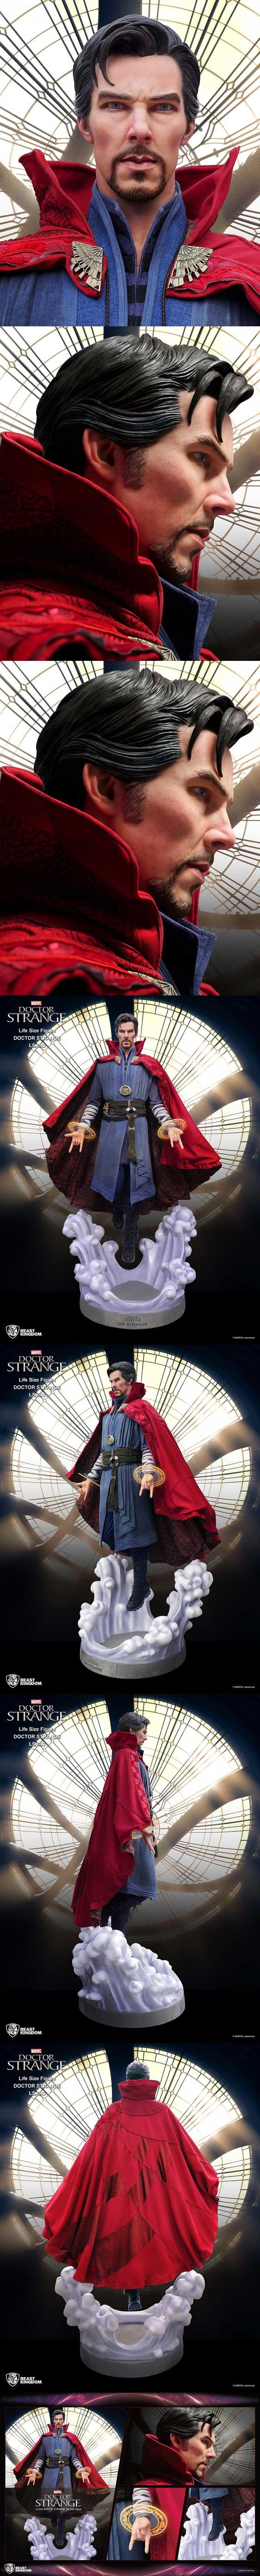 [[예약상품]Doctor Strange: Stephen Strange Life-Size Statue (LS-043)]